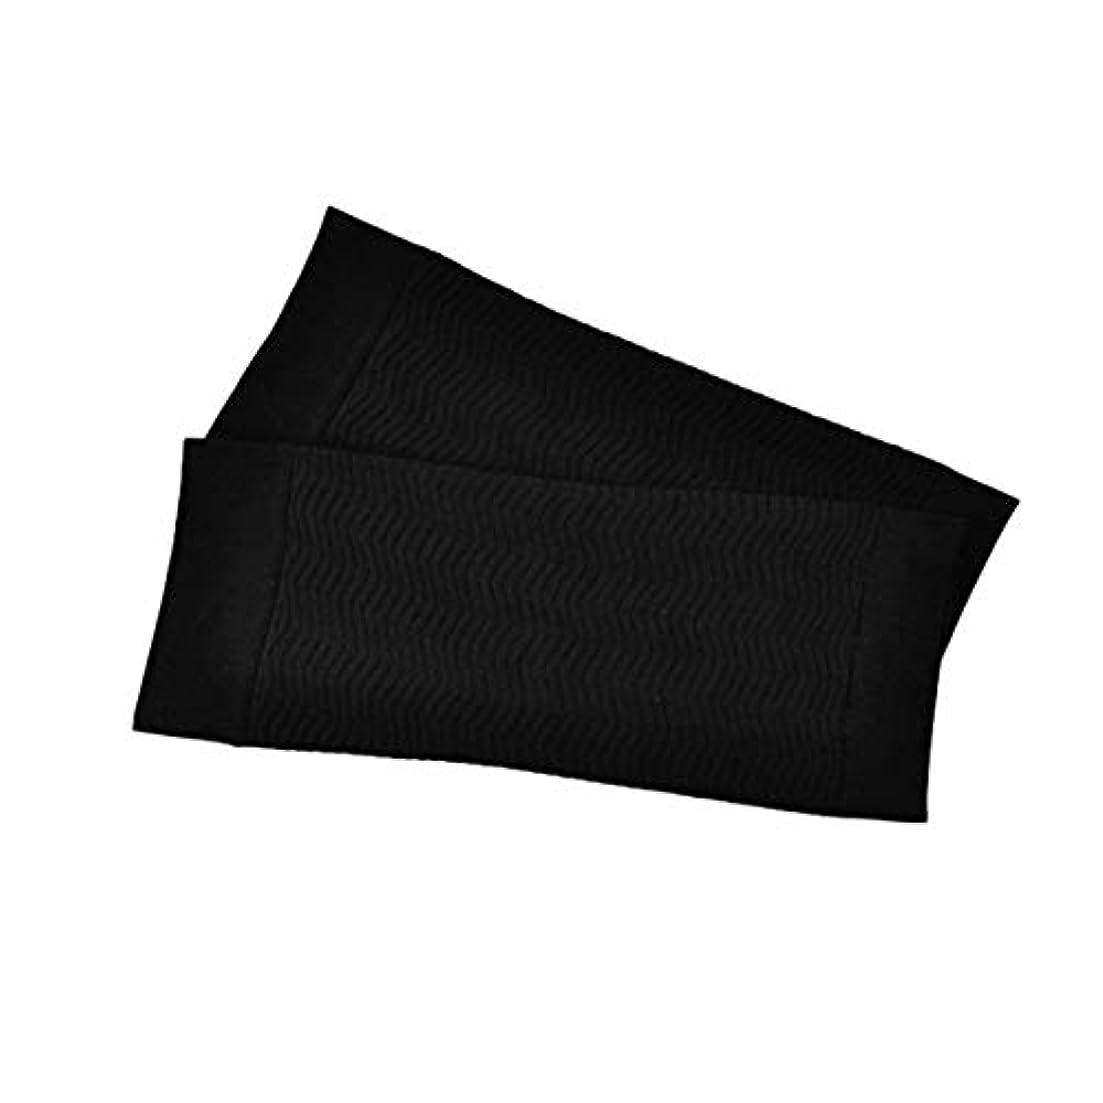 小道気性理想的には1ペア680 D圧縮アームシェイパーワークアウトトーニングバーンセルライトスリミングアームスリーブ脂肪燃焼半袖用女性 - ブラック